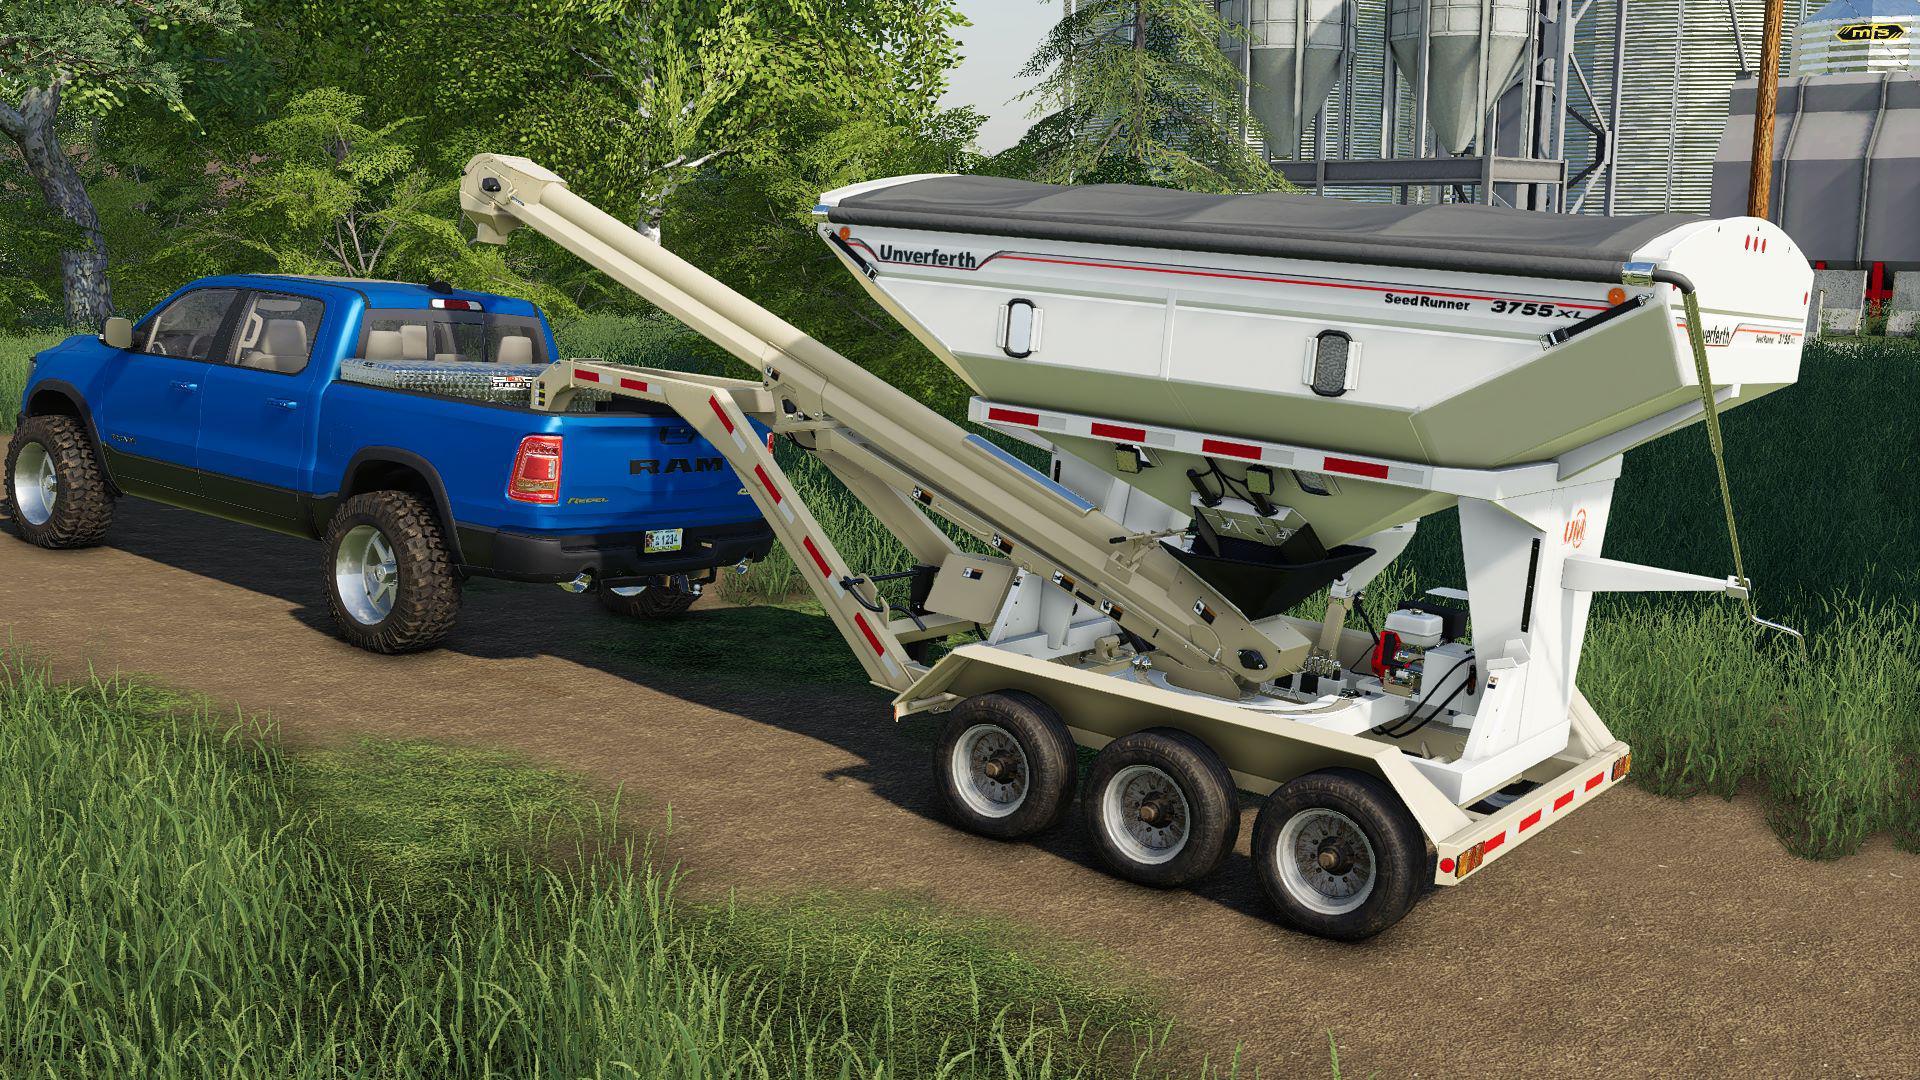 Seed Runner 3755 XL v 1.0